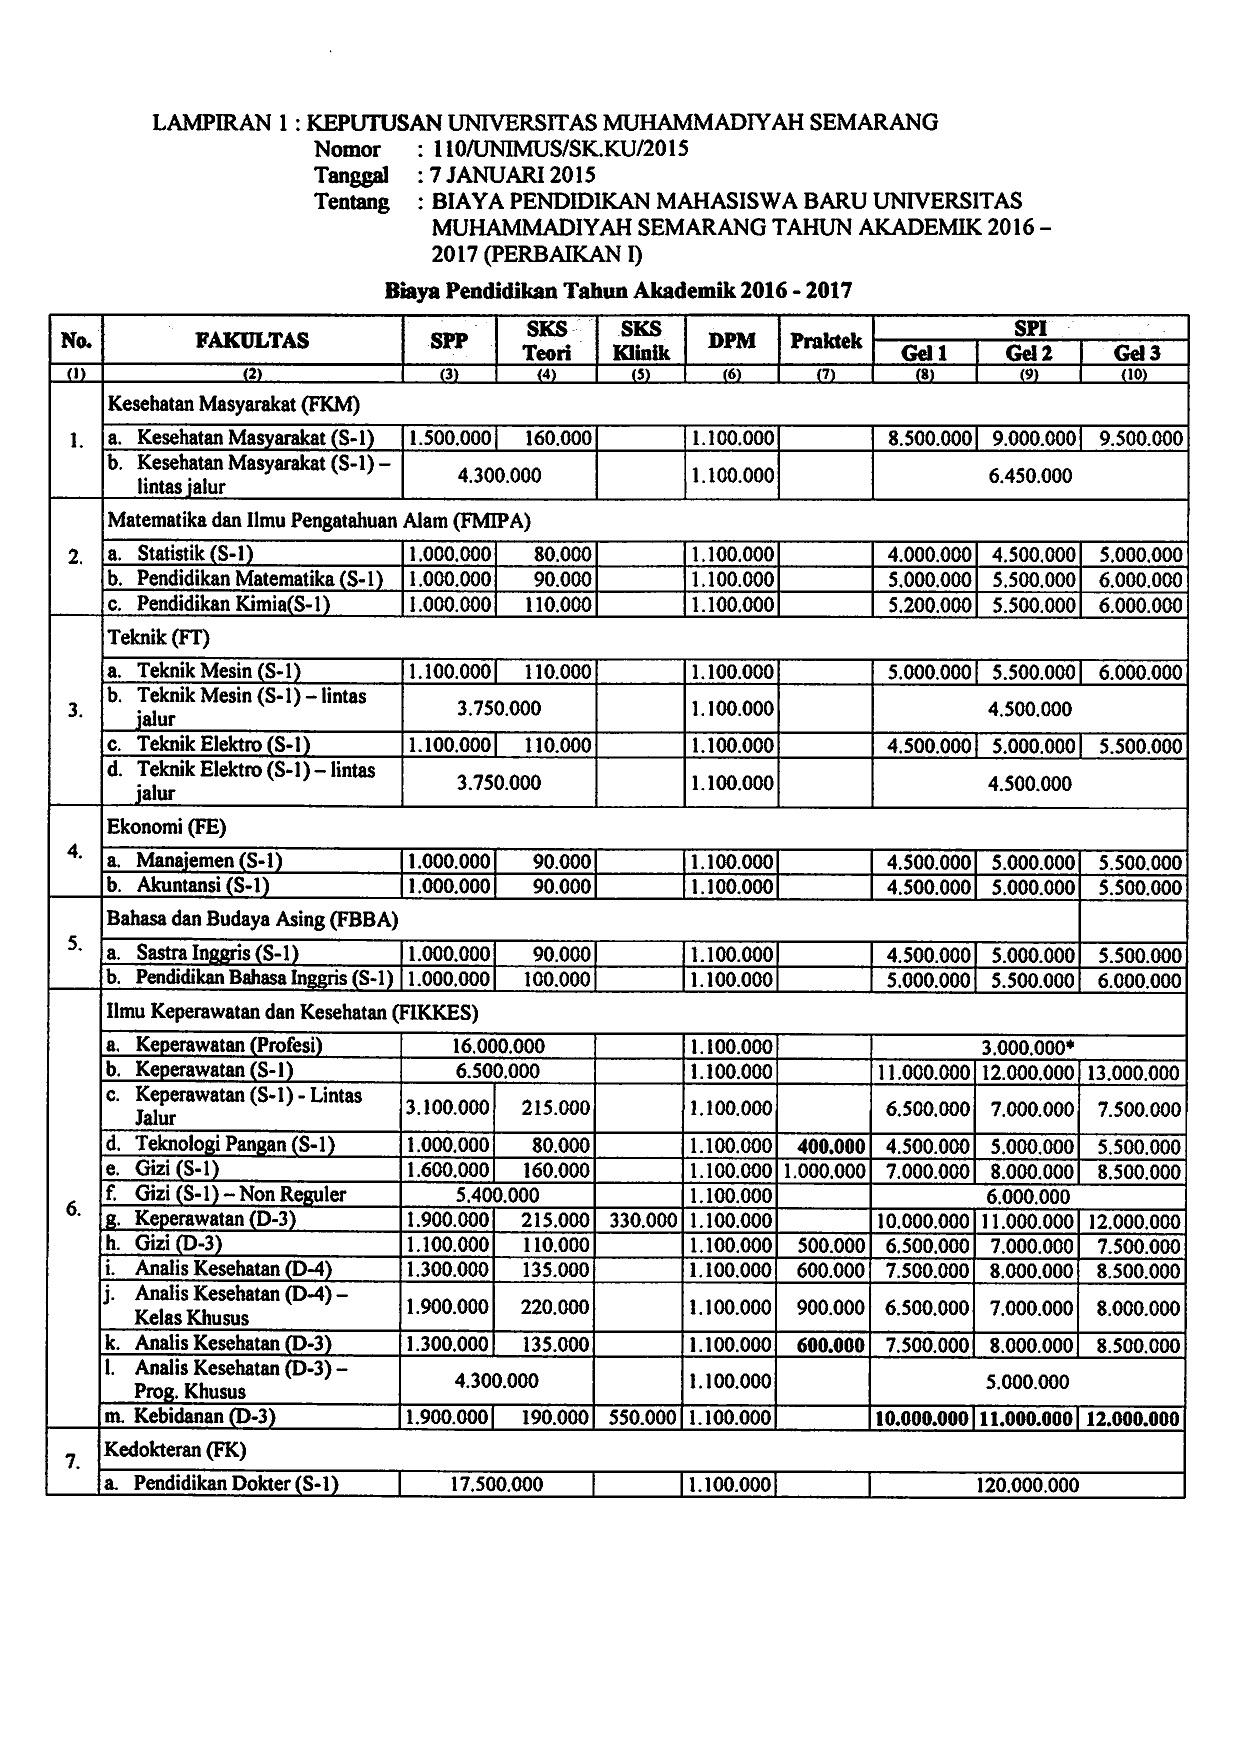 biaya pendidikan unimus 2016-2017